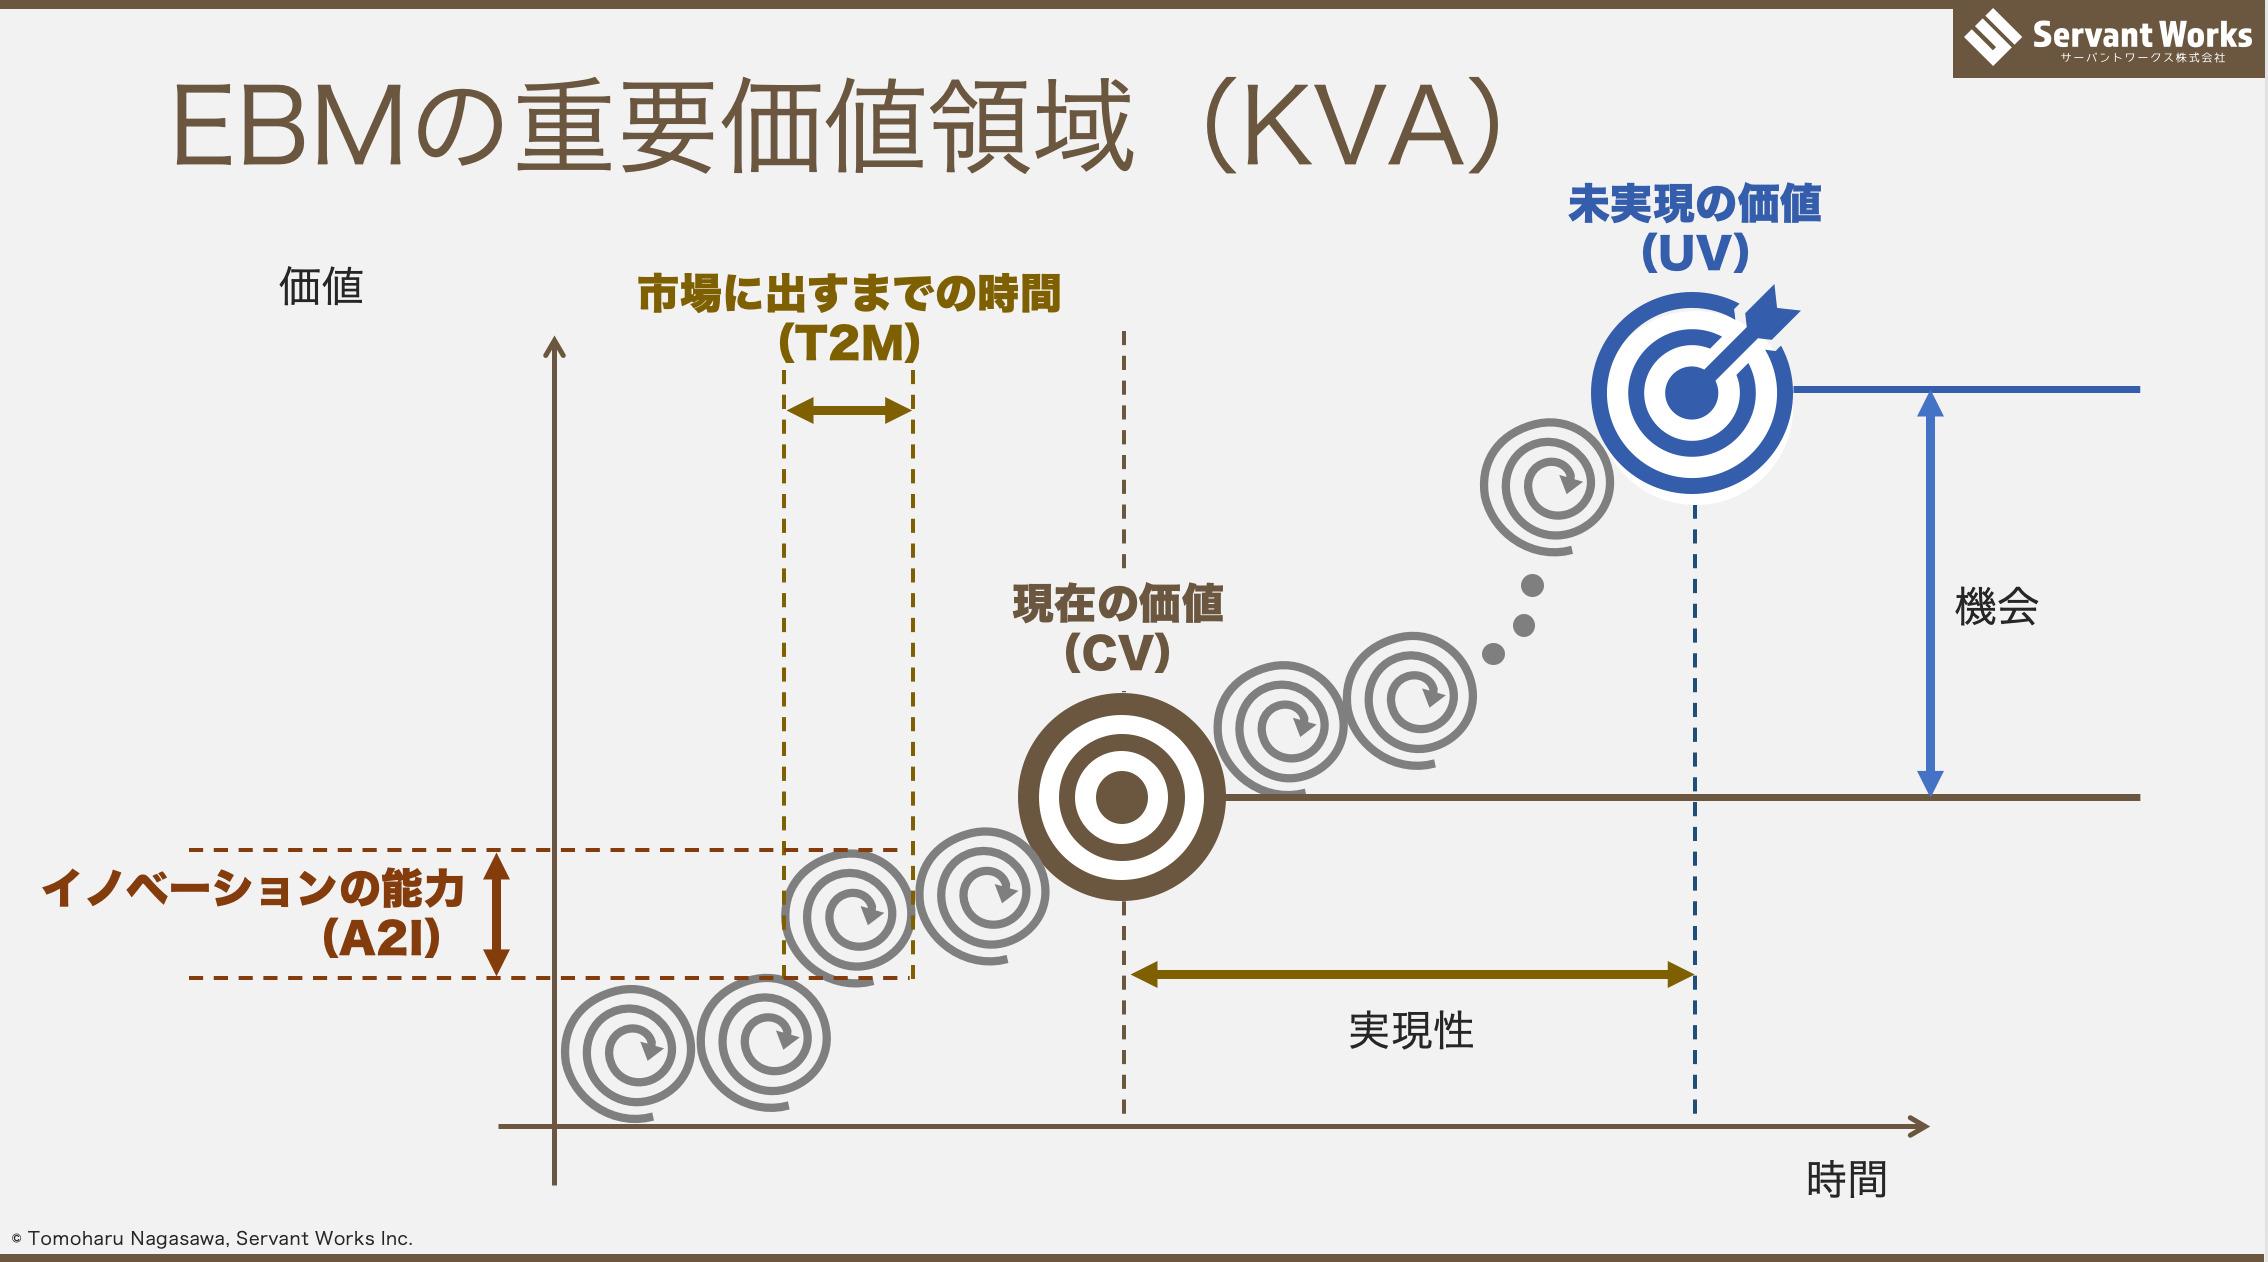 エビデンスベースドマネジメントのKVAの図解